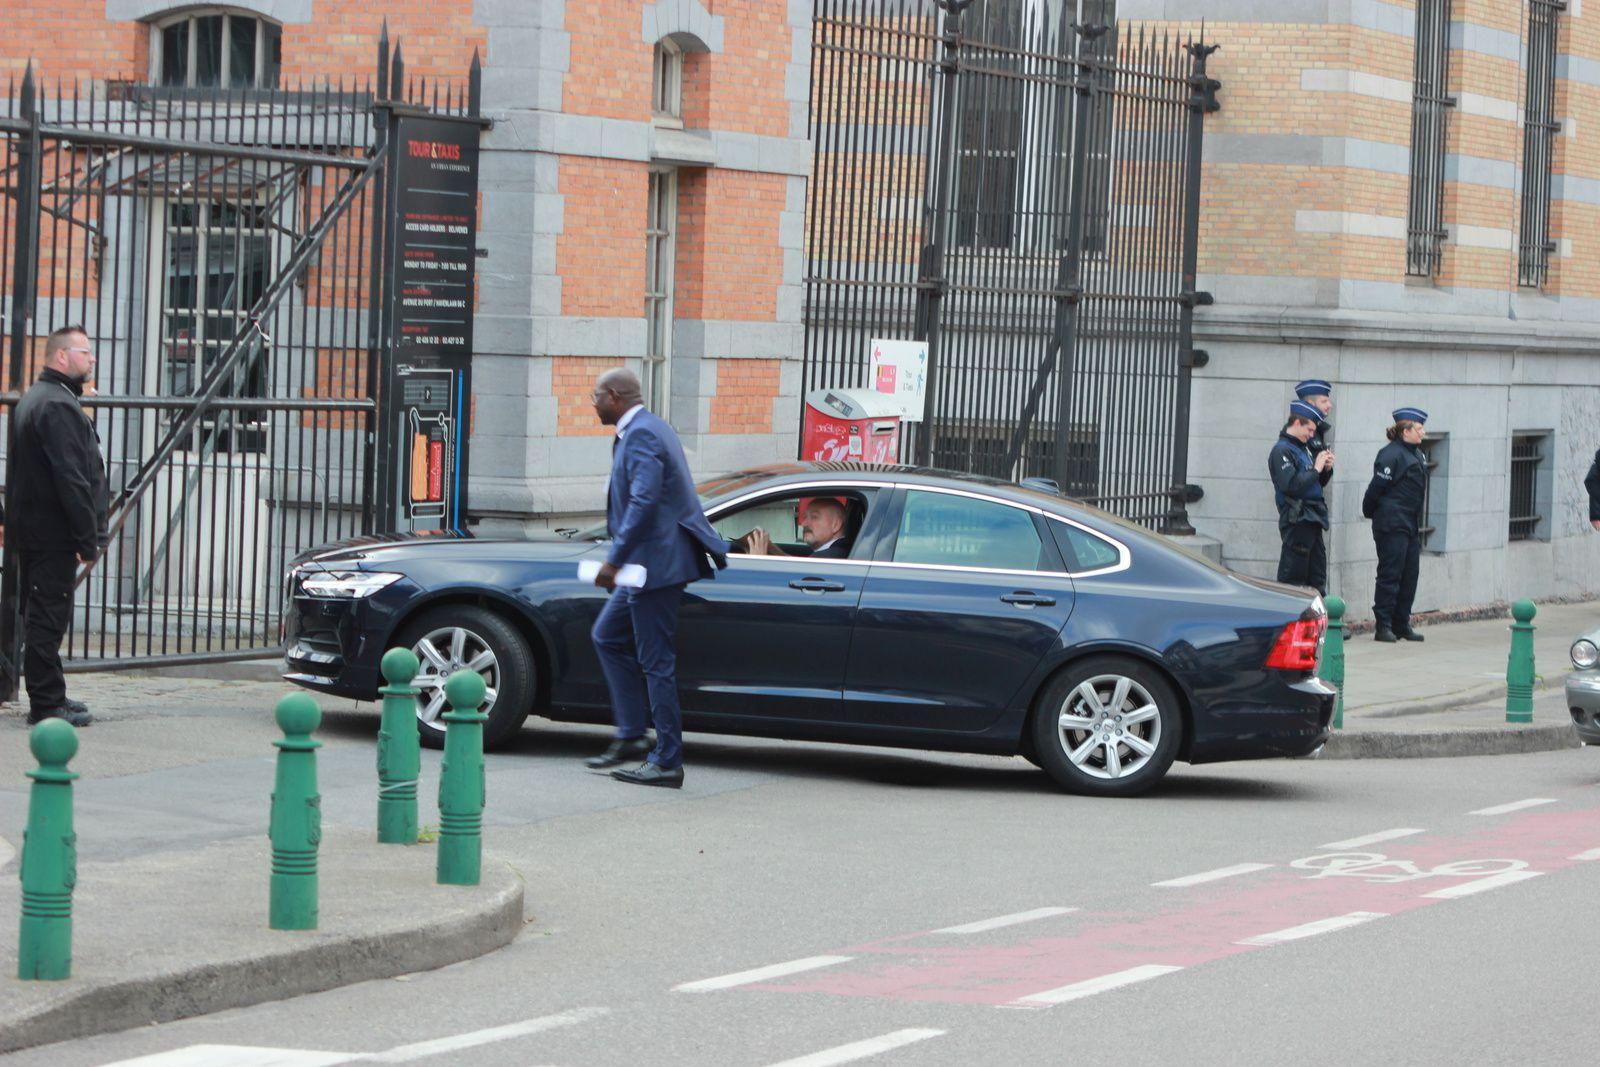 Séjour de Paul Kagame à Bruxelles sous très haute sécurité